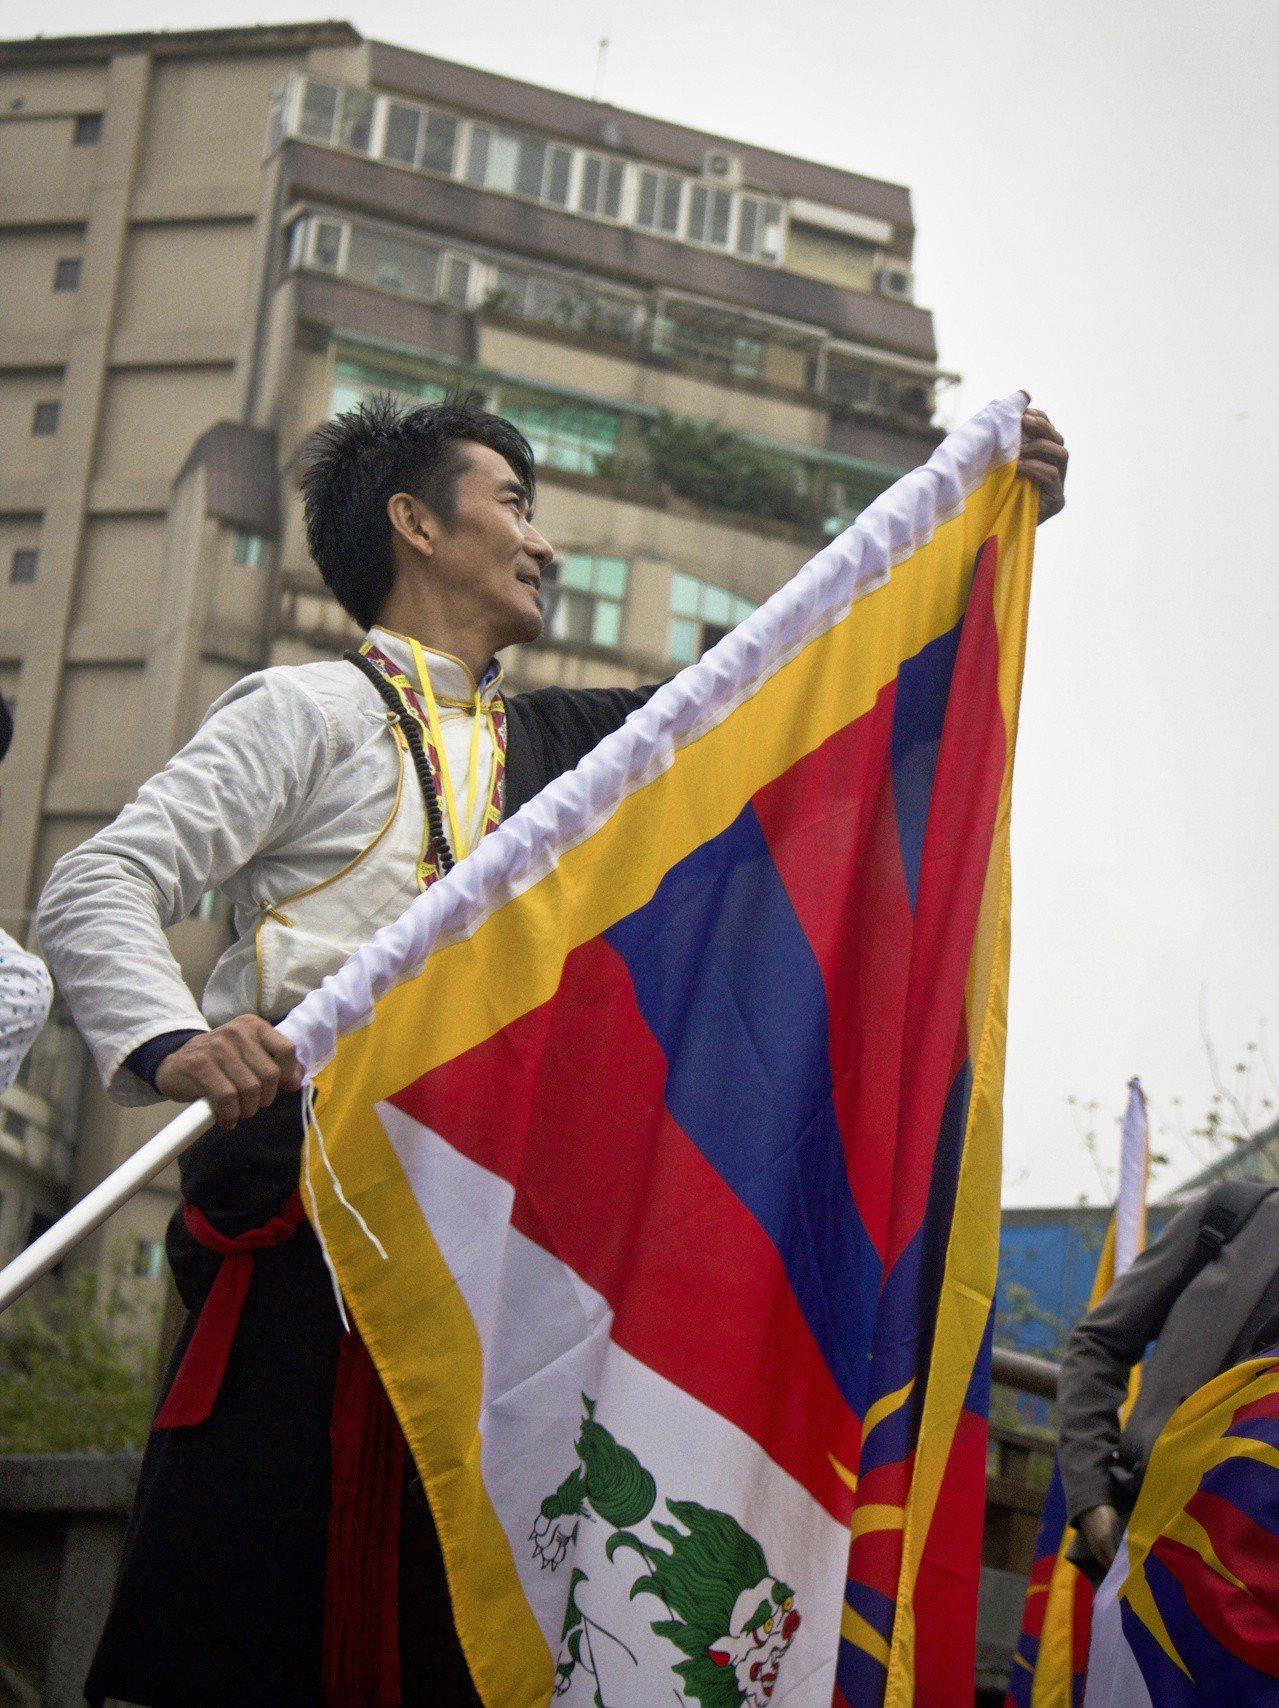 流亡藏人札西慈仁。記者李隆揆/攝影